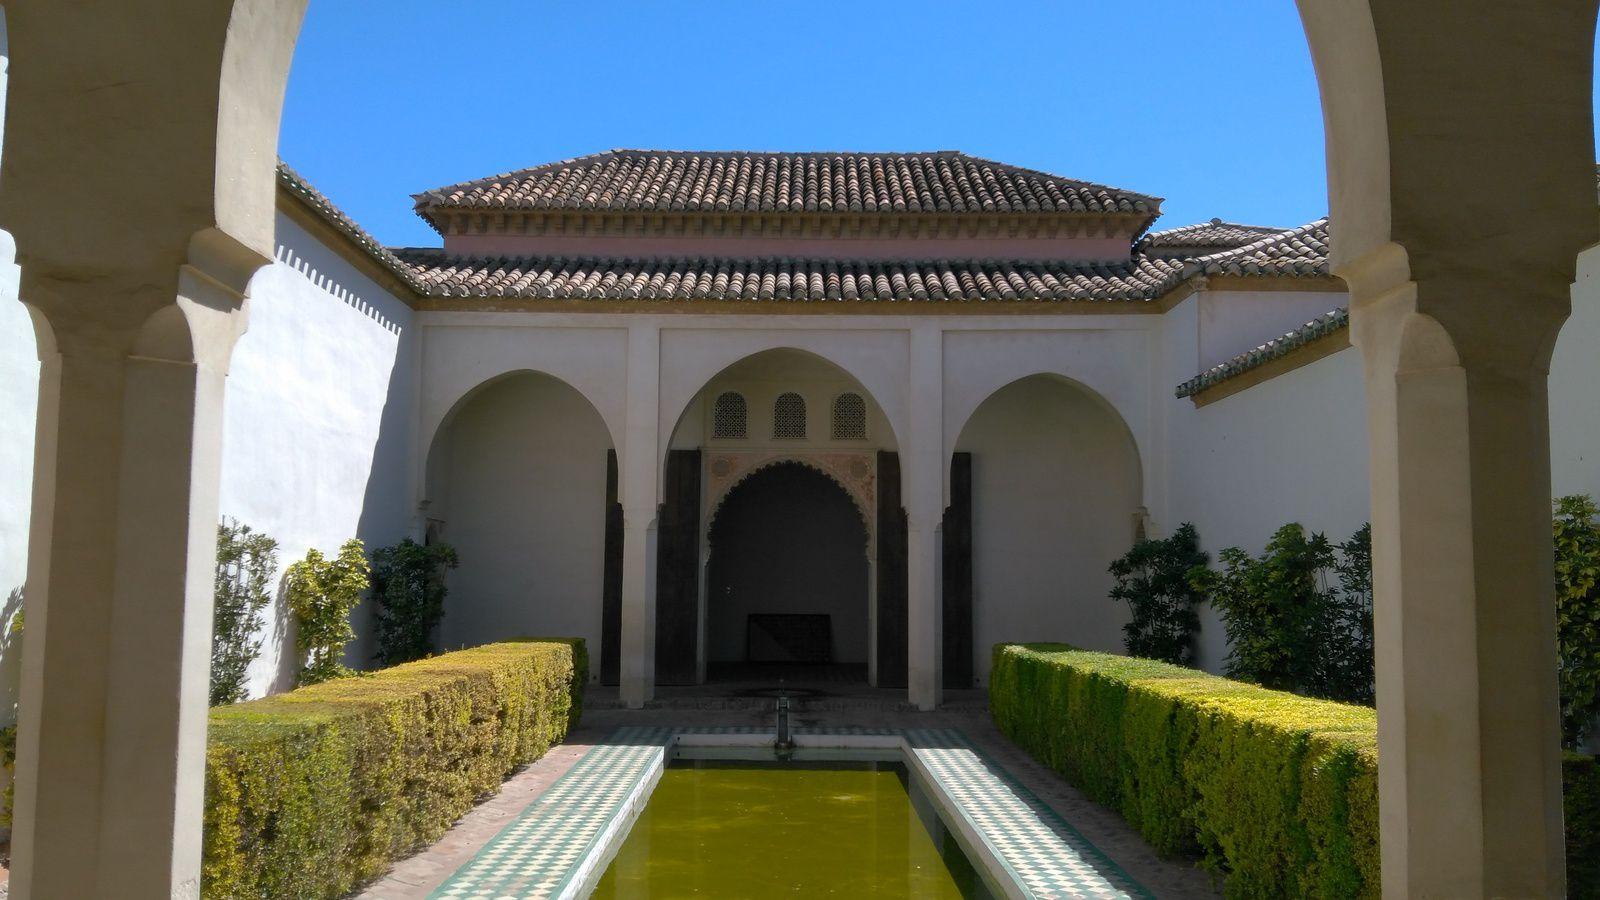 Prolonger l'été pendant trois jours à Malaga